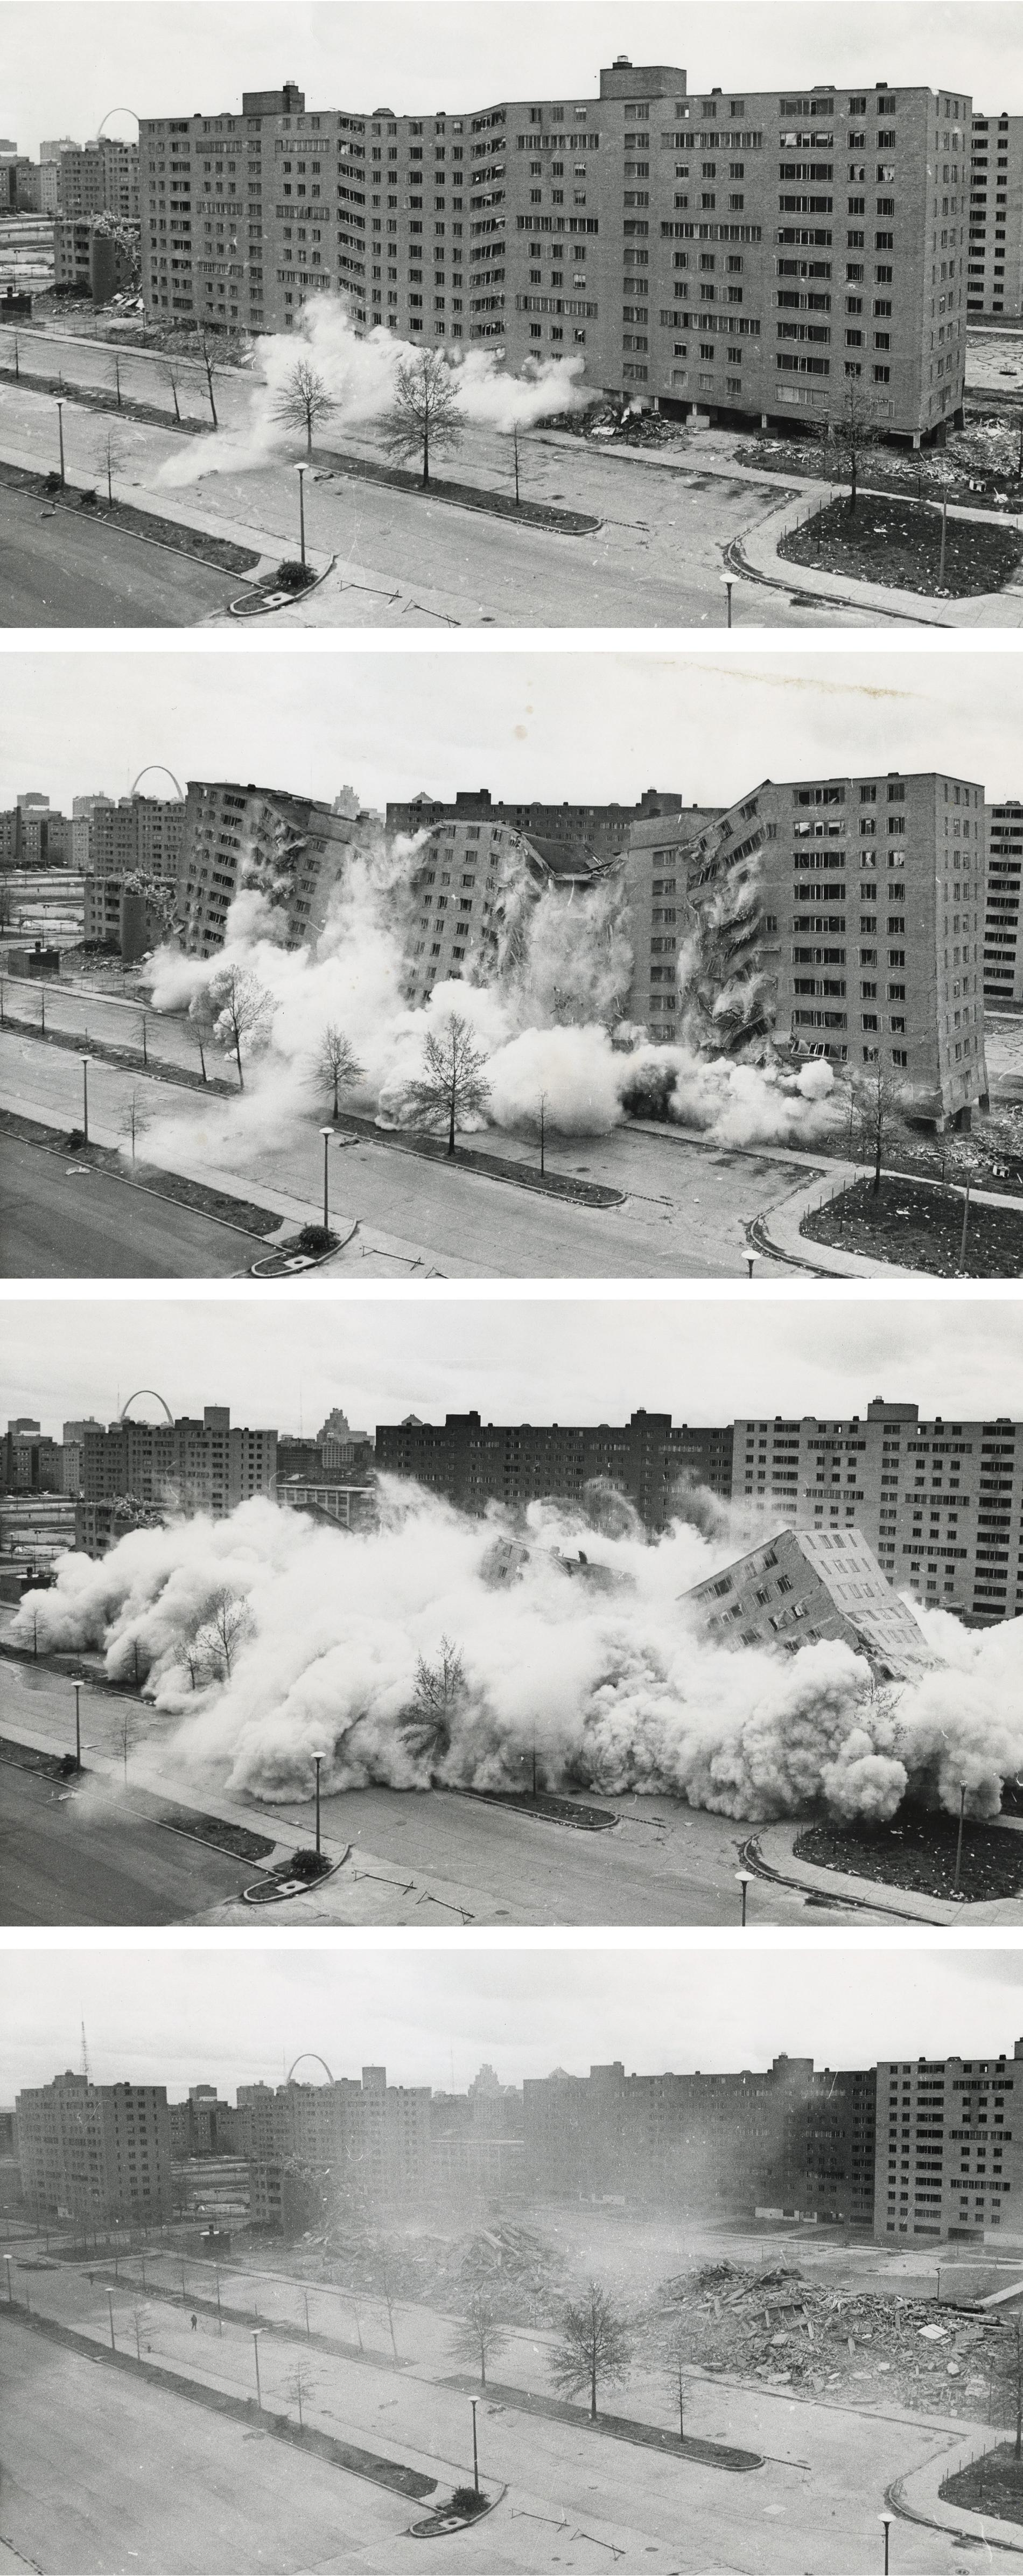 Pruitt-igoe_collapse